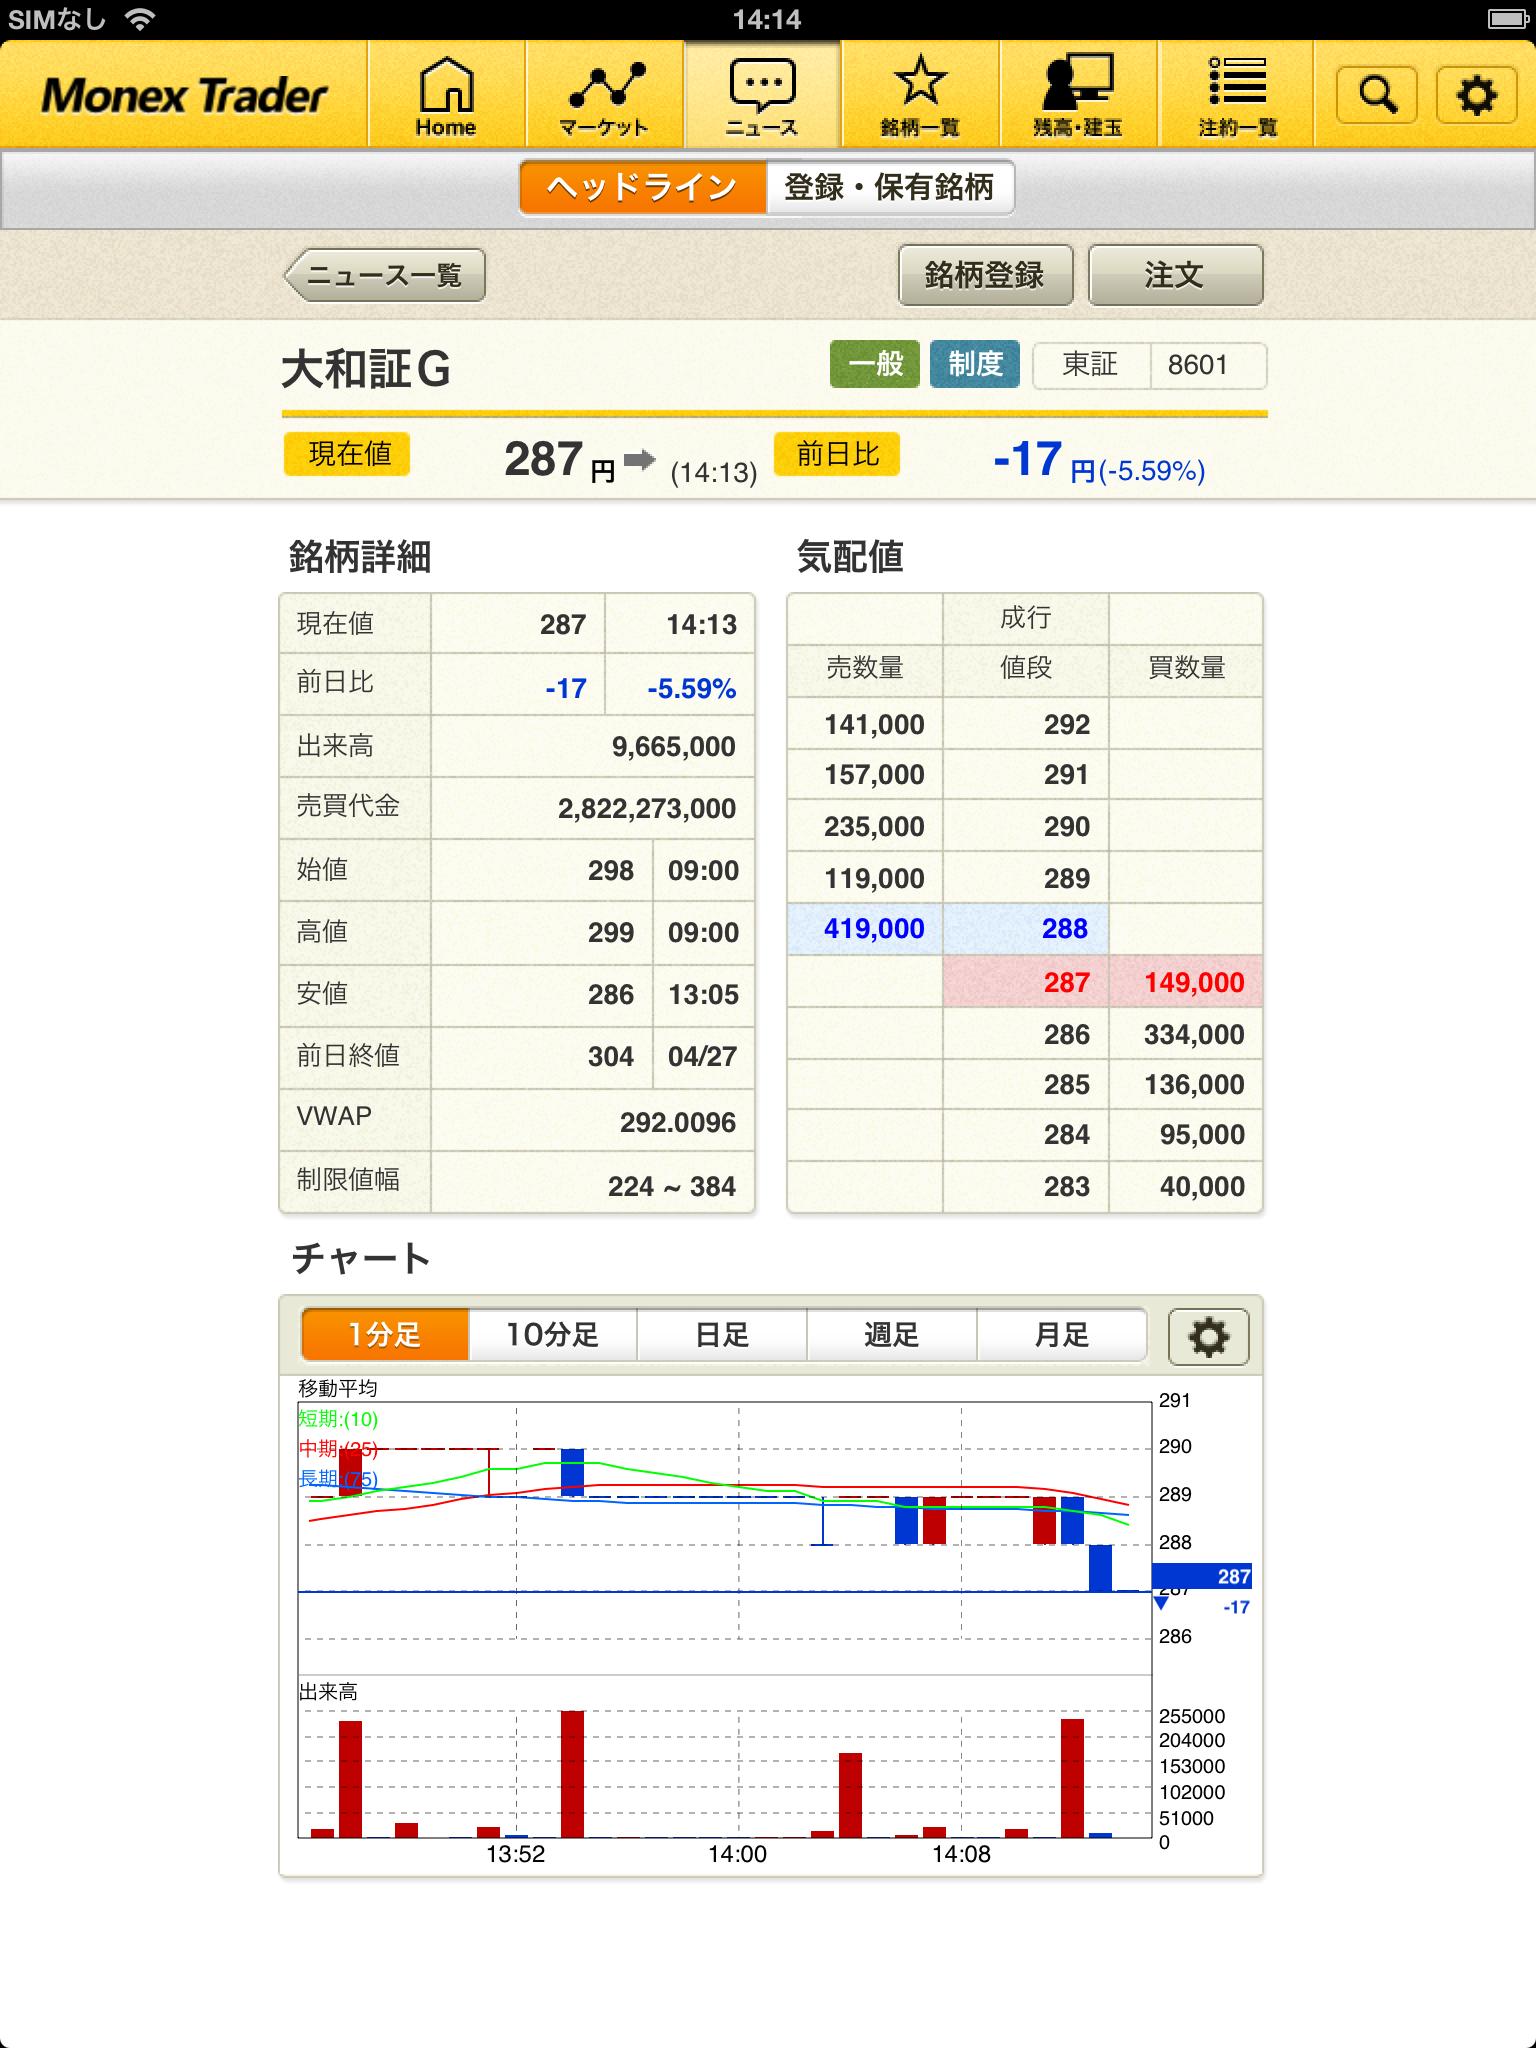 マネックストレーダー for iPadの画面4